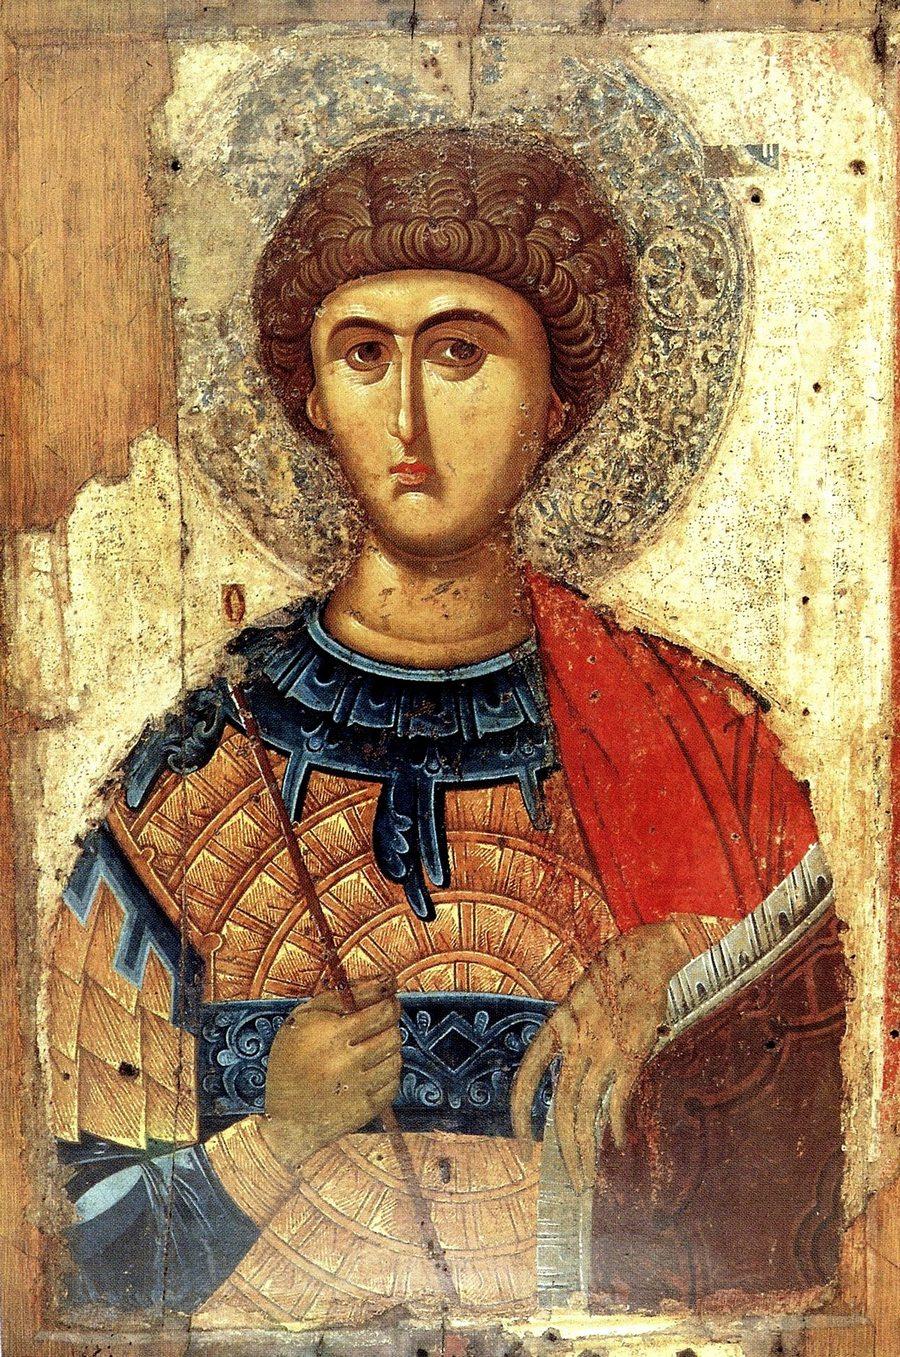 Святой Великомученик Георгий Победоносец. Византийская икона. Церковь Панагии Трипити в Эгио, Греция.